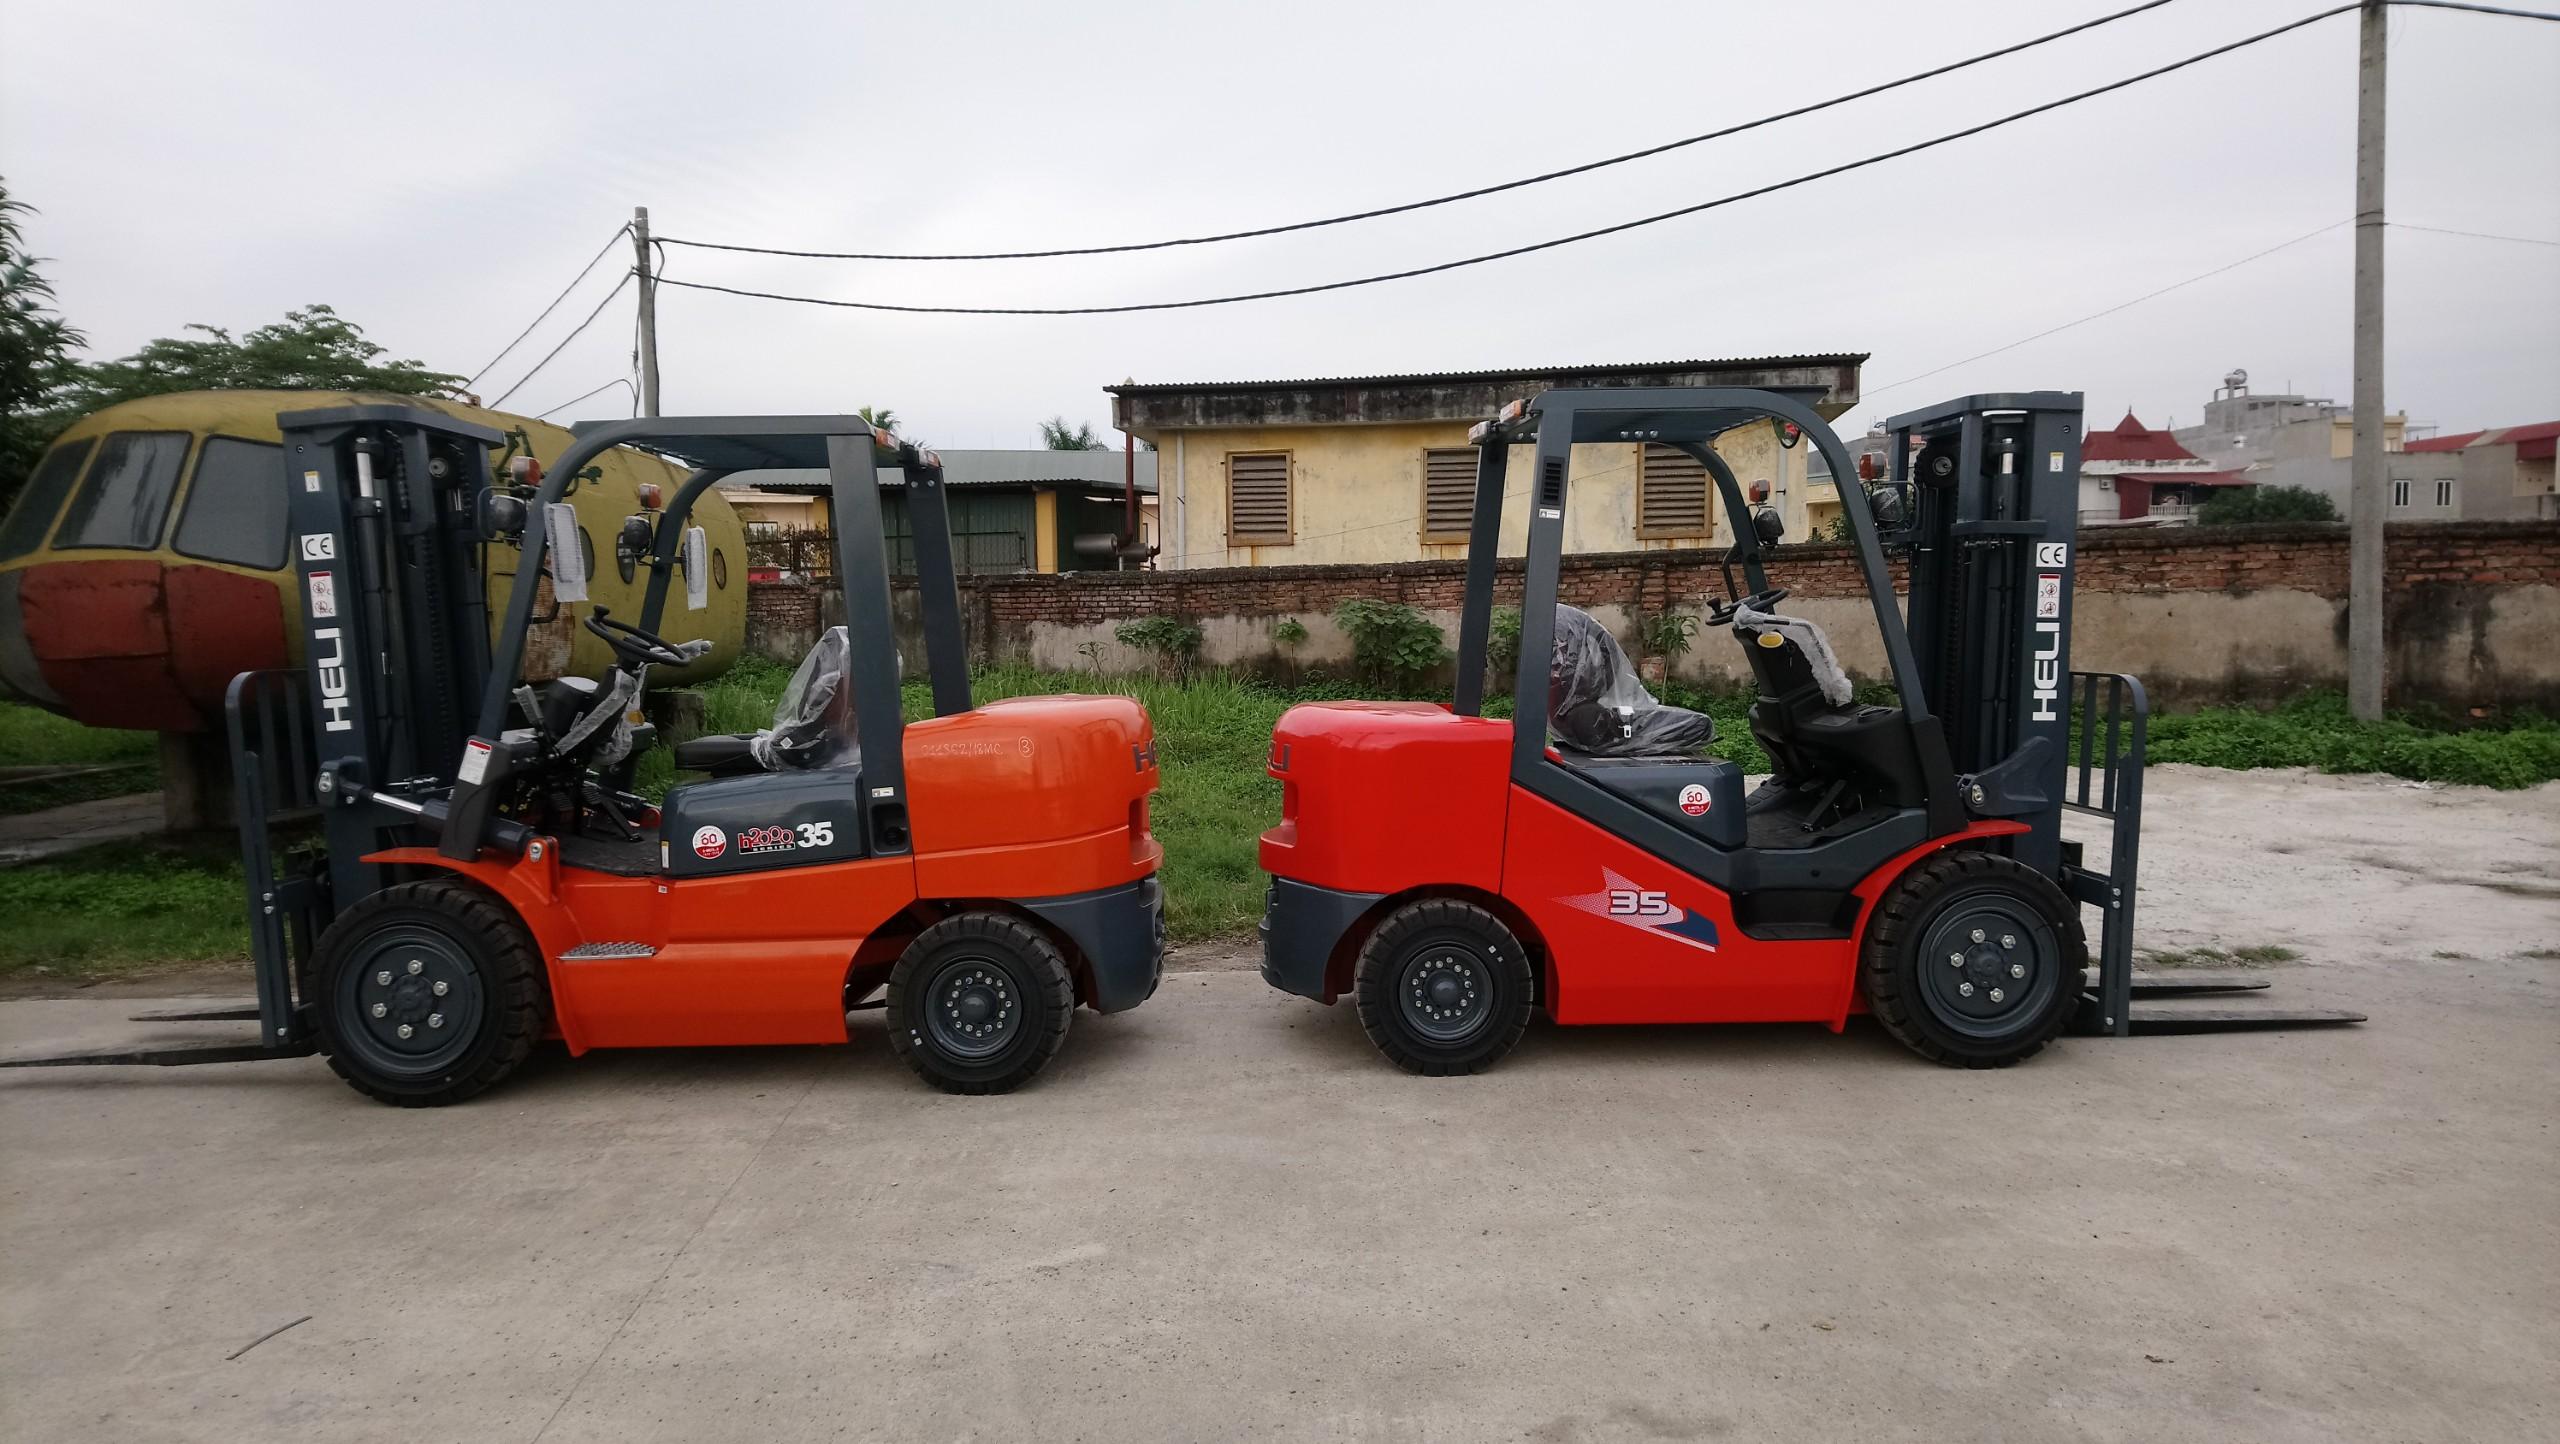 Bán xe nâng tại Đồng Nai - Xe nâng 3 tấn Heli giá rẻ